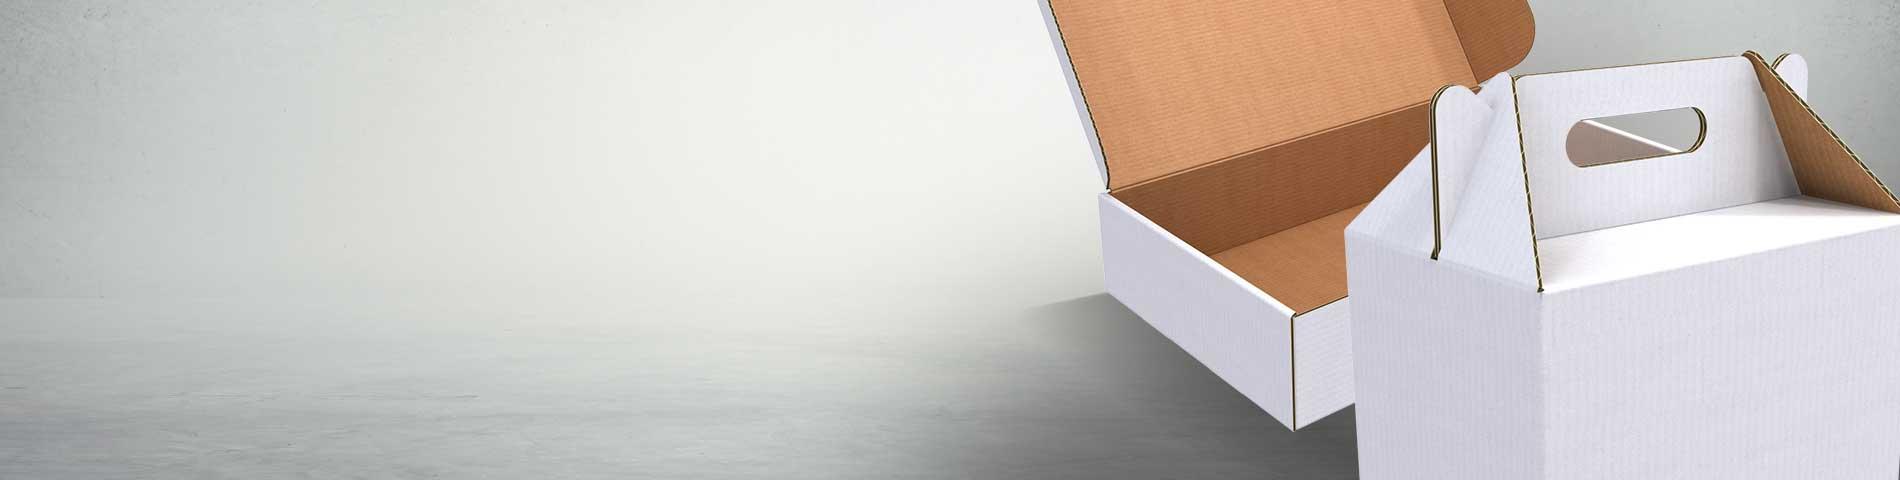 Box_Styles_1900x480